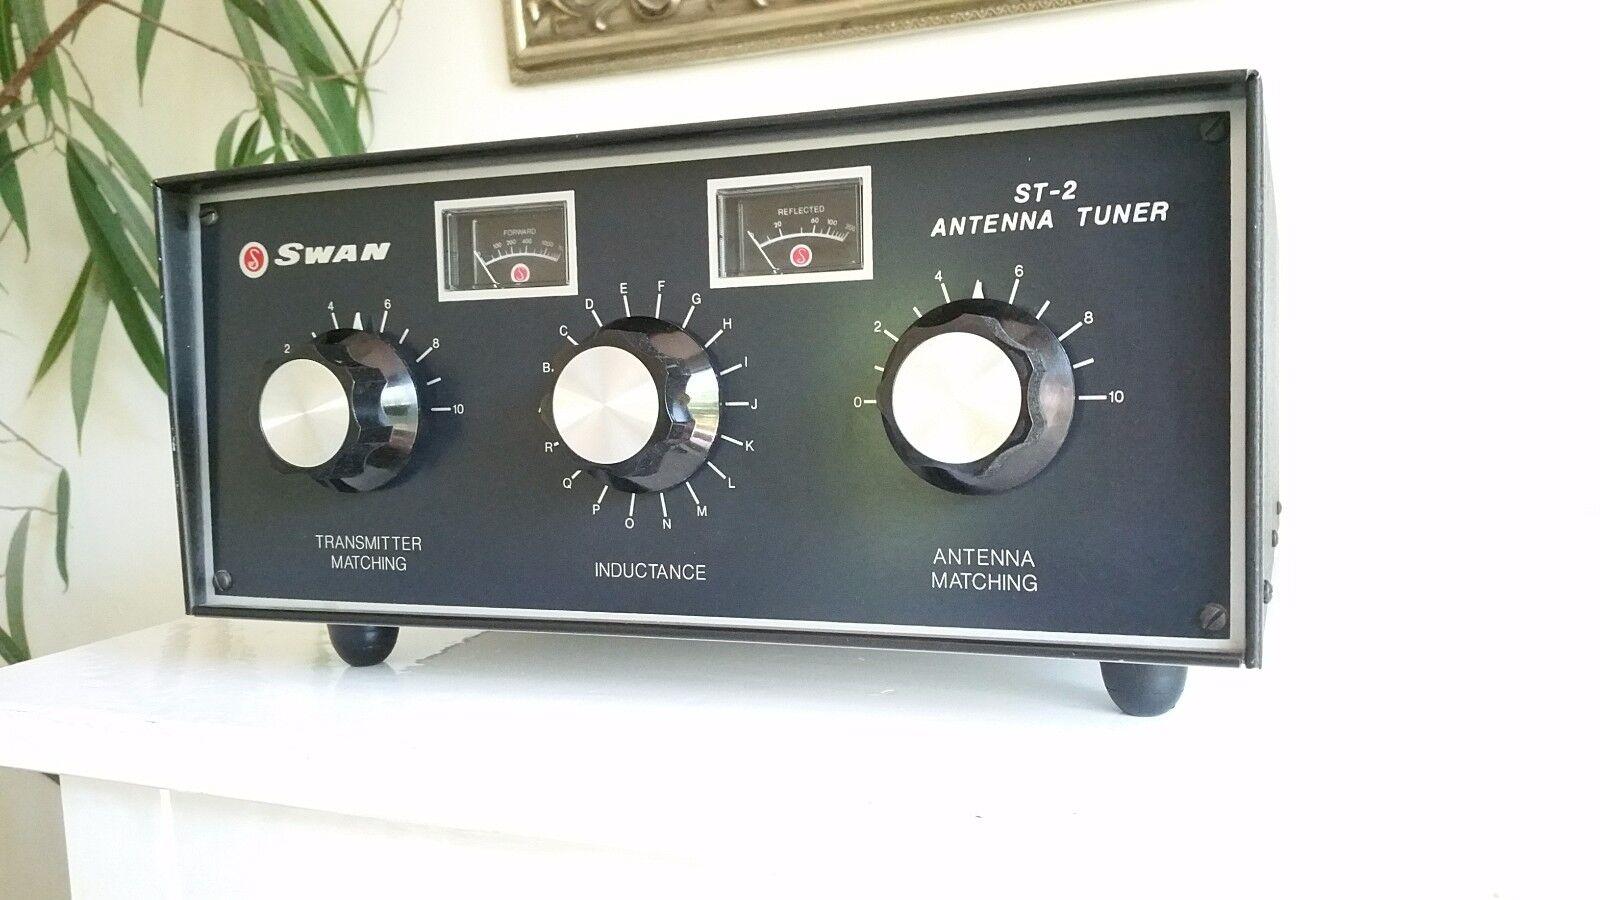 Swan ST-2 2000 Watt 2 KW High Power Antenna Tuner C MY OTHER